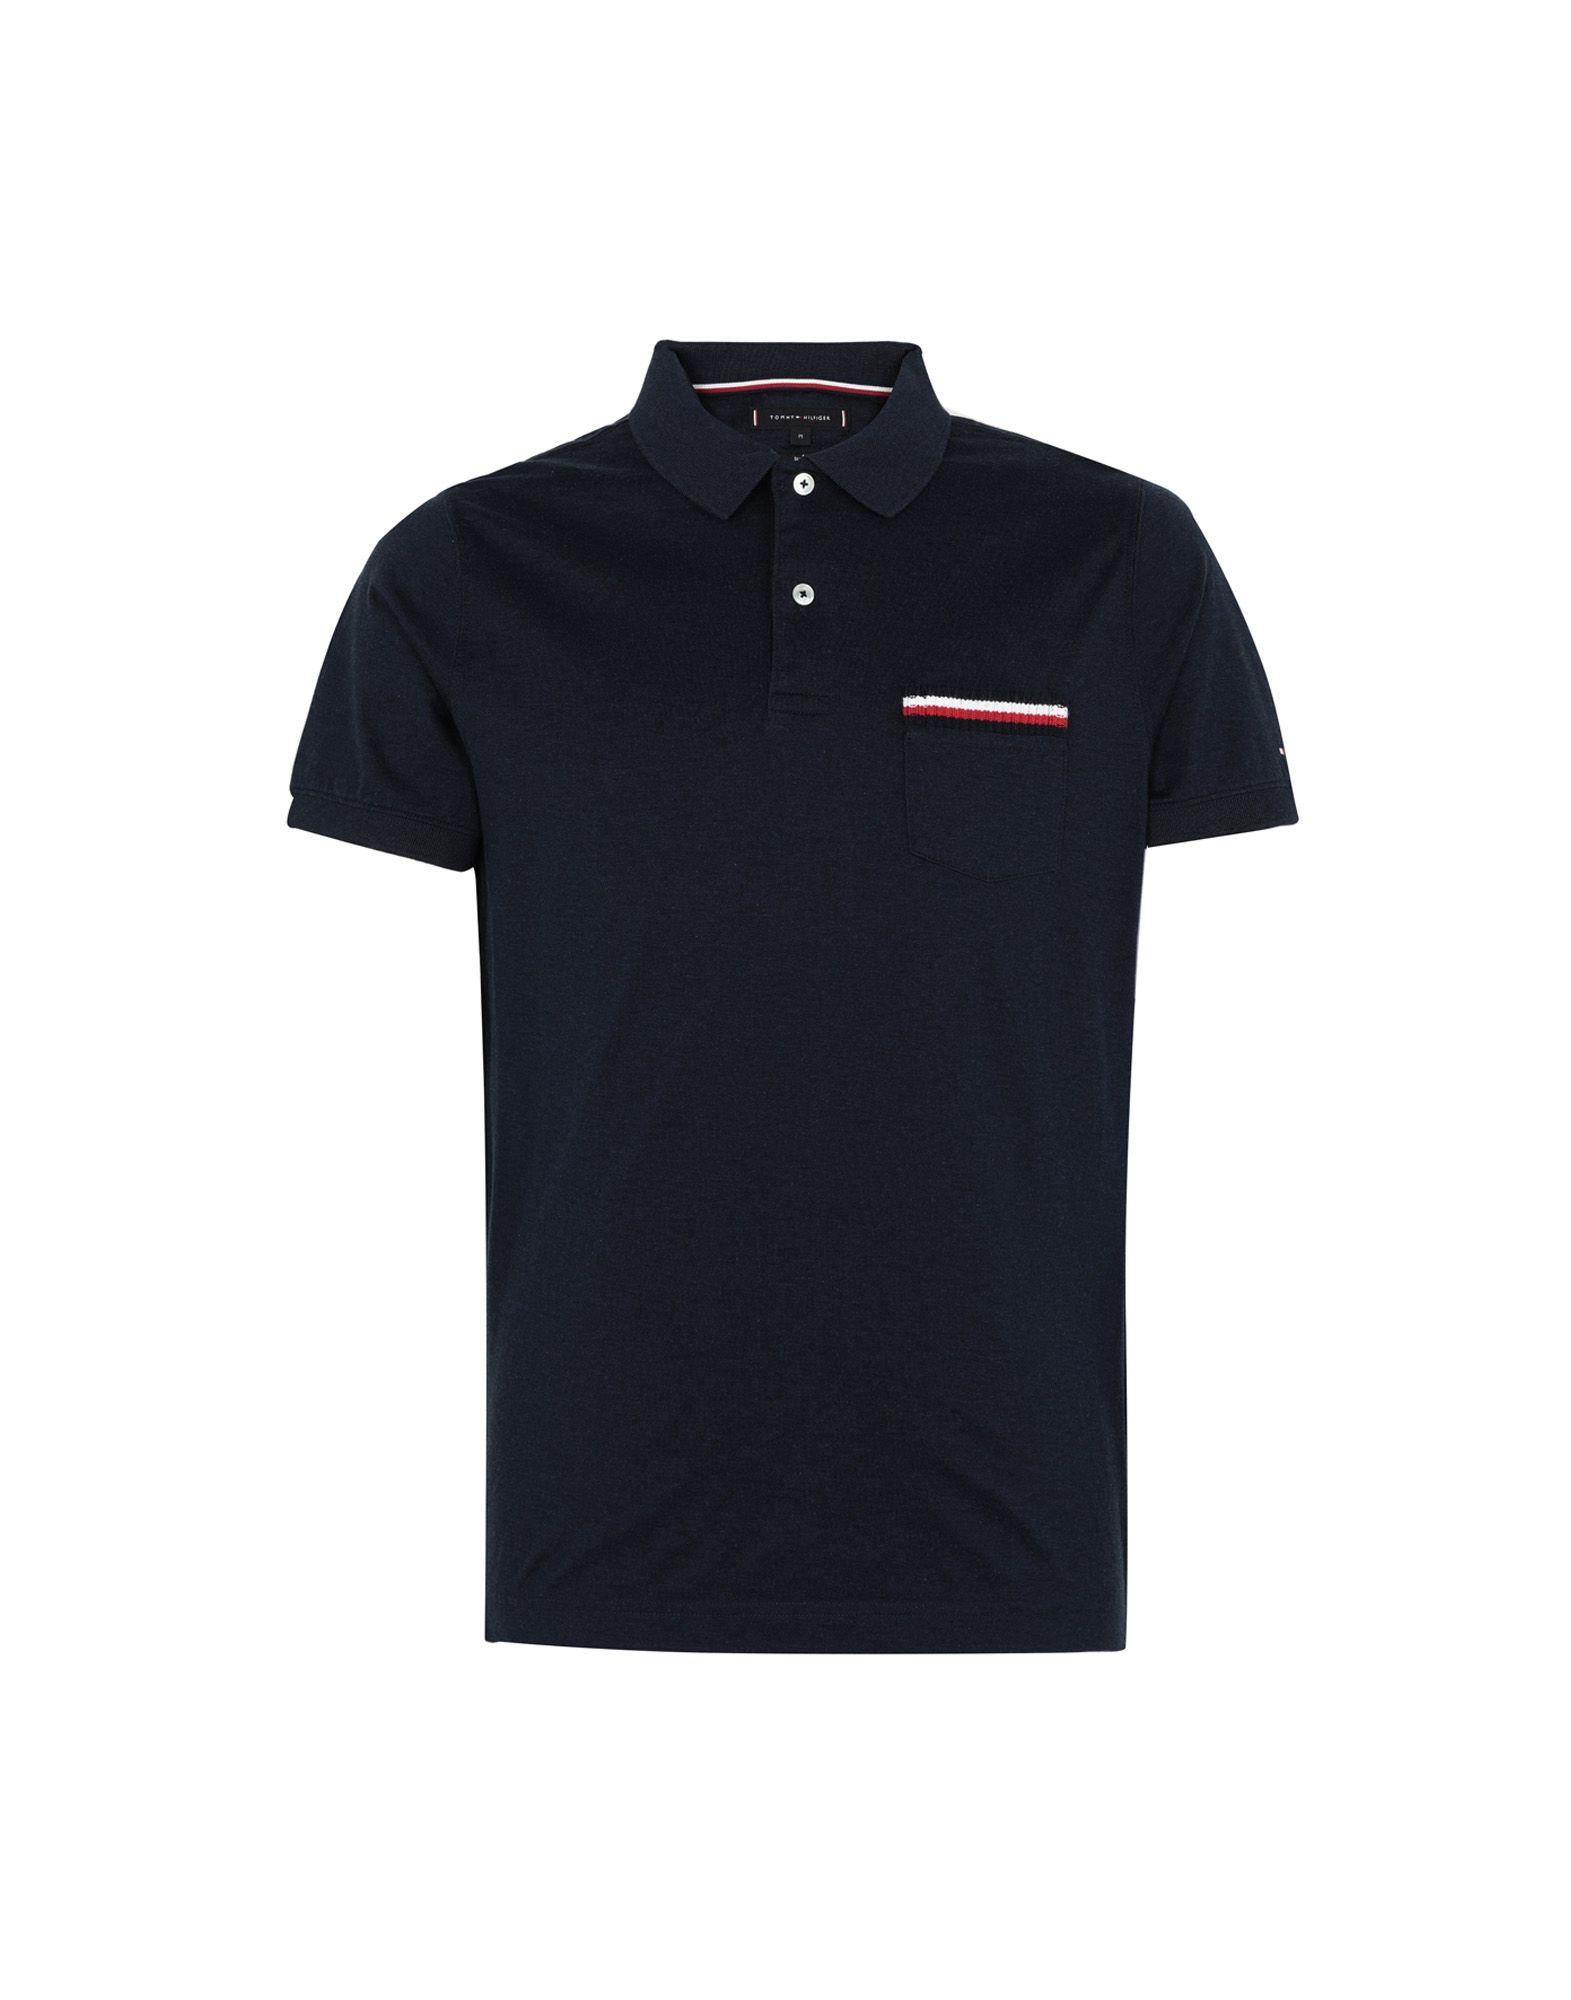 《送料無料》TOMMY HILFIGER メンズ ポロシャツ ダークブルー S コットン 100% TIPPED POCKET SLIM POLO